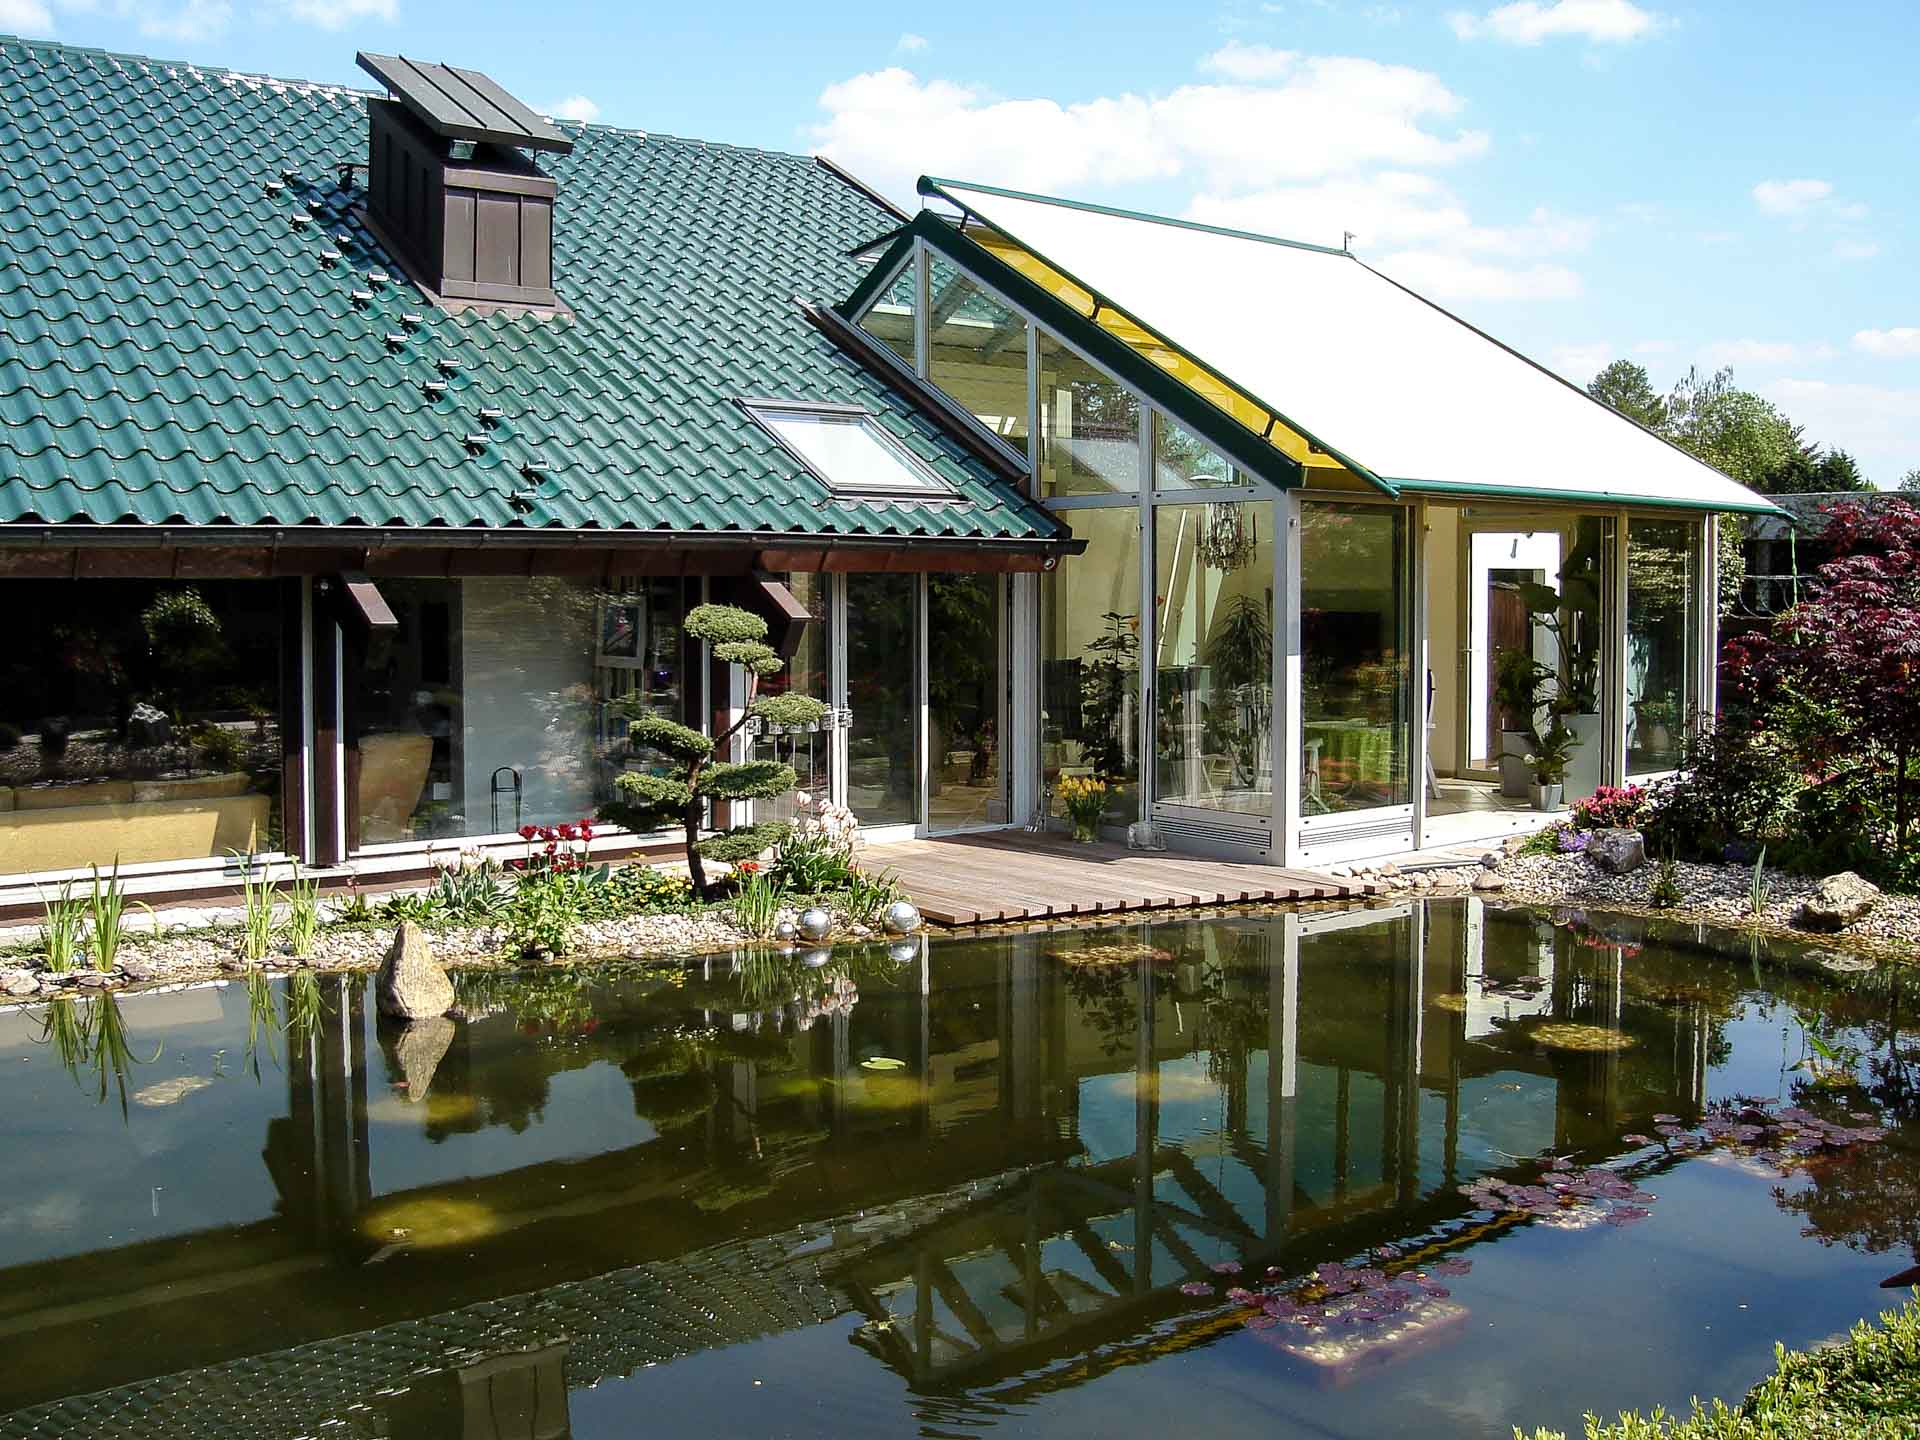 Wintergarten in Pulheim (Objekt 1060). Galerie und Wohnbereich gut beschattet durch Außenmarkise